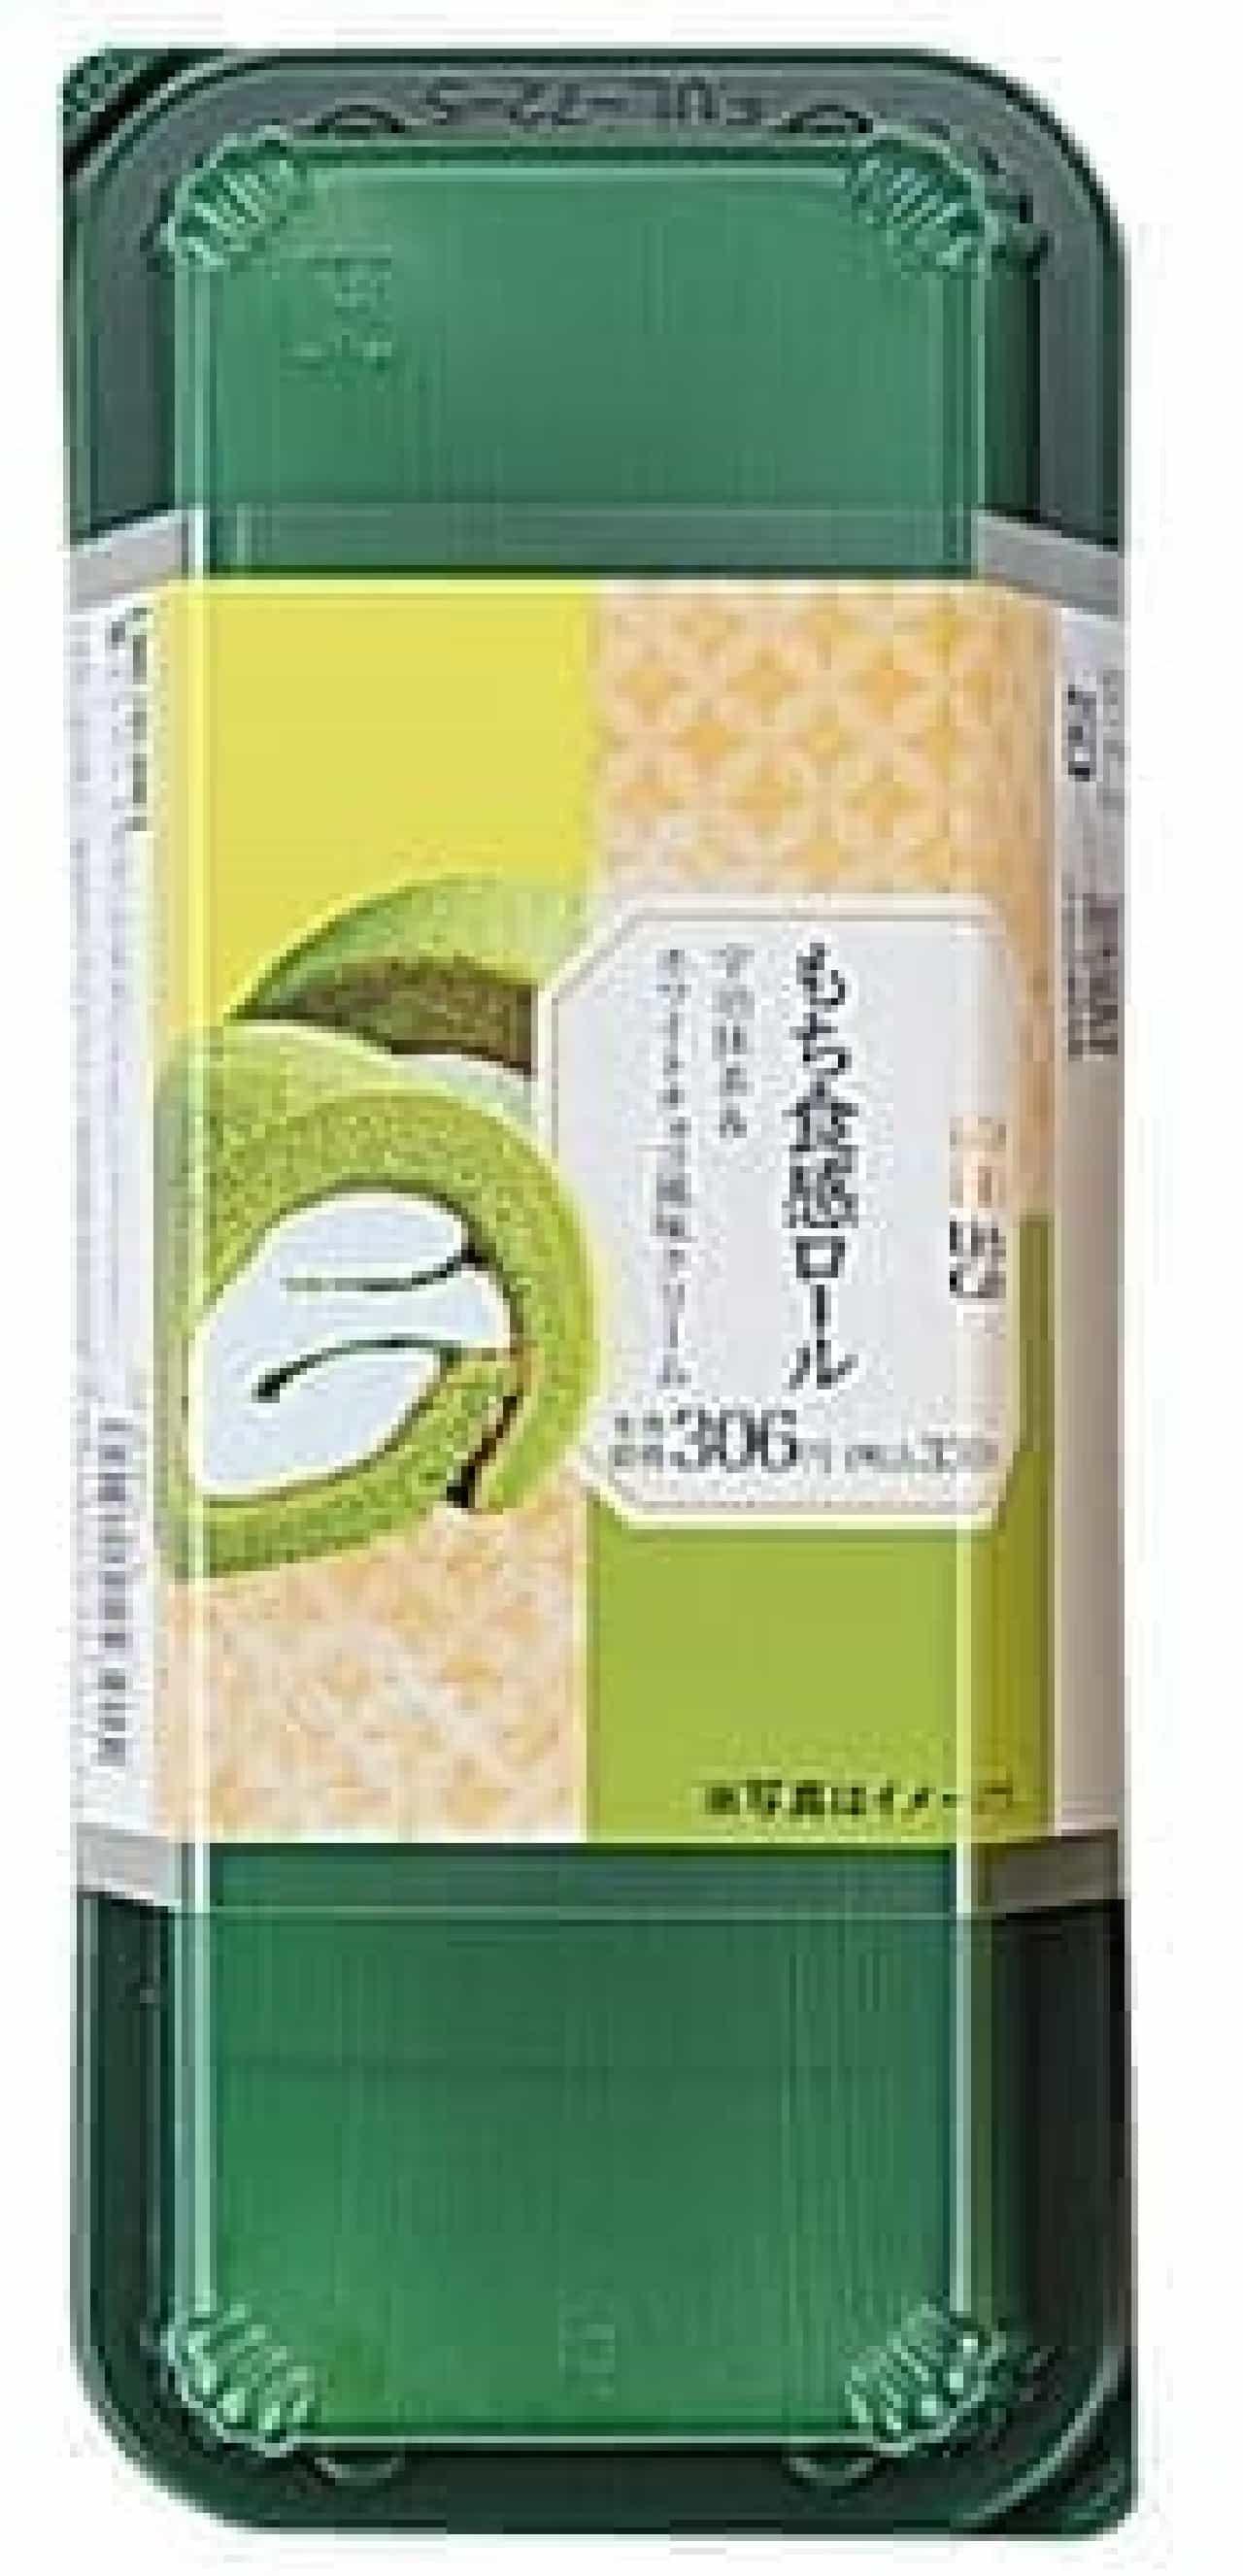 ローソン「もち食感ロール(宇治抹茶&ホワイトチョコ風味クリーム)」